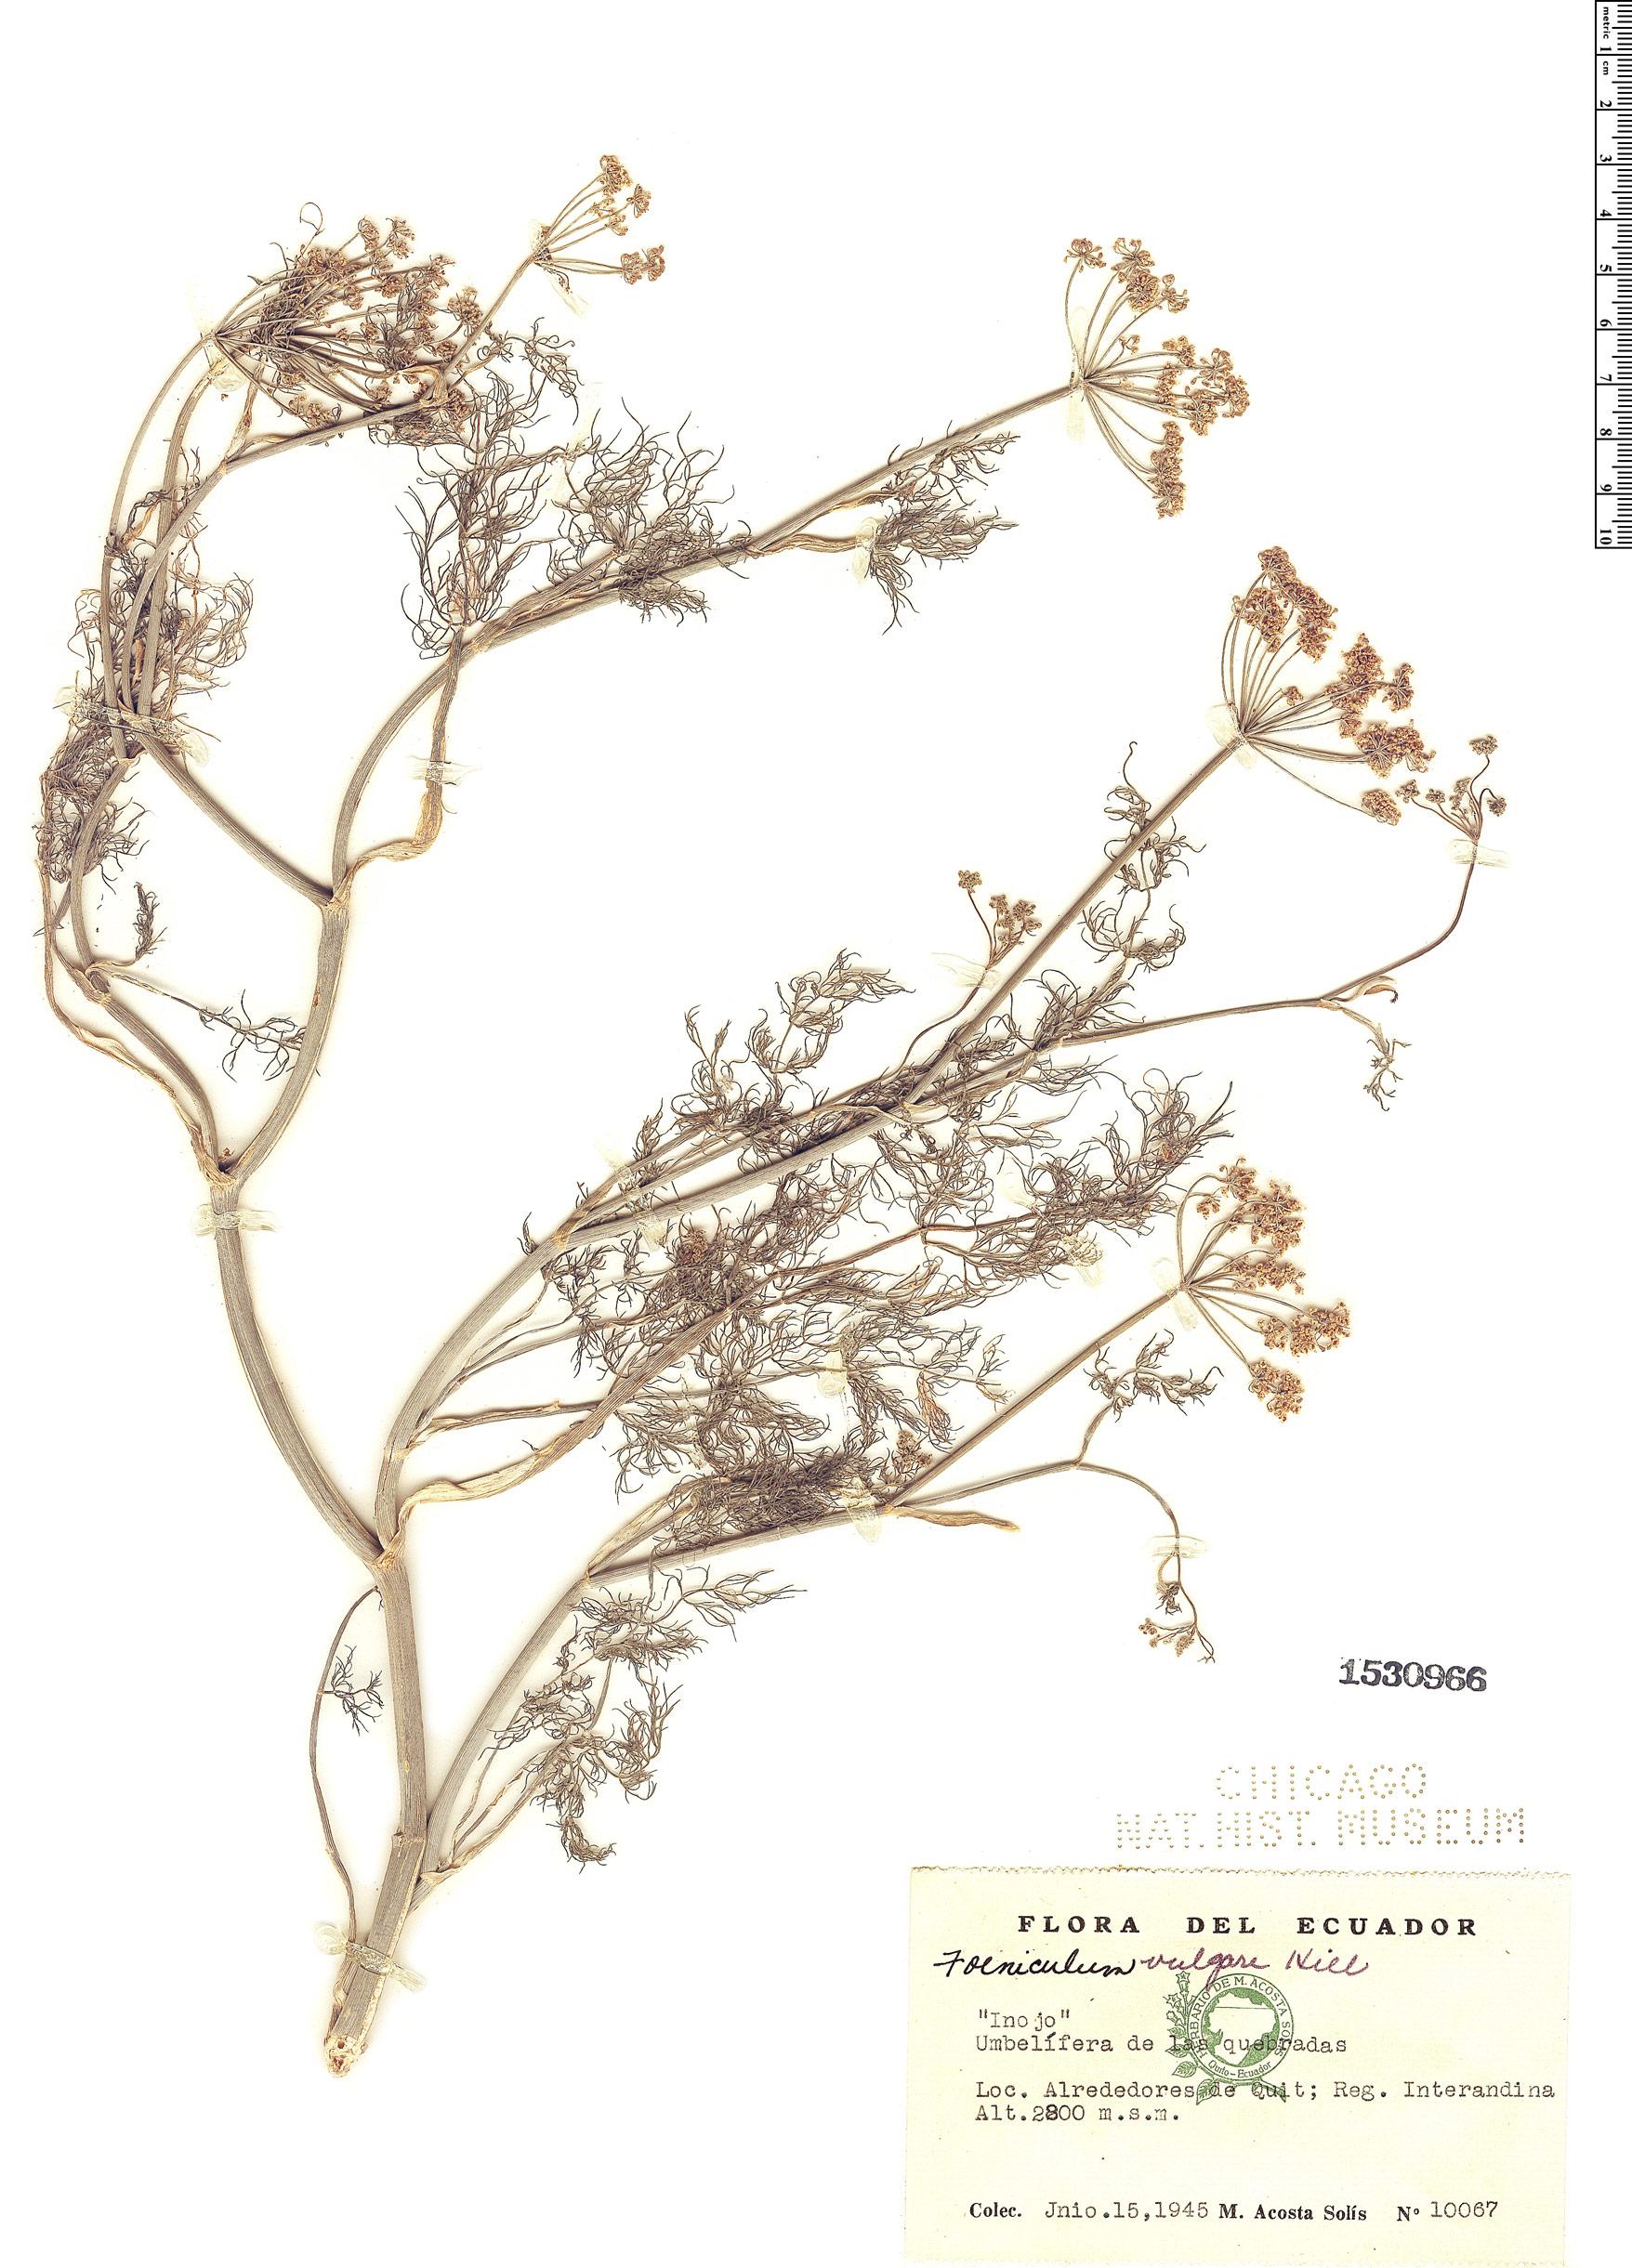 Specimen: Foeniculum vulgare